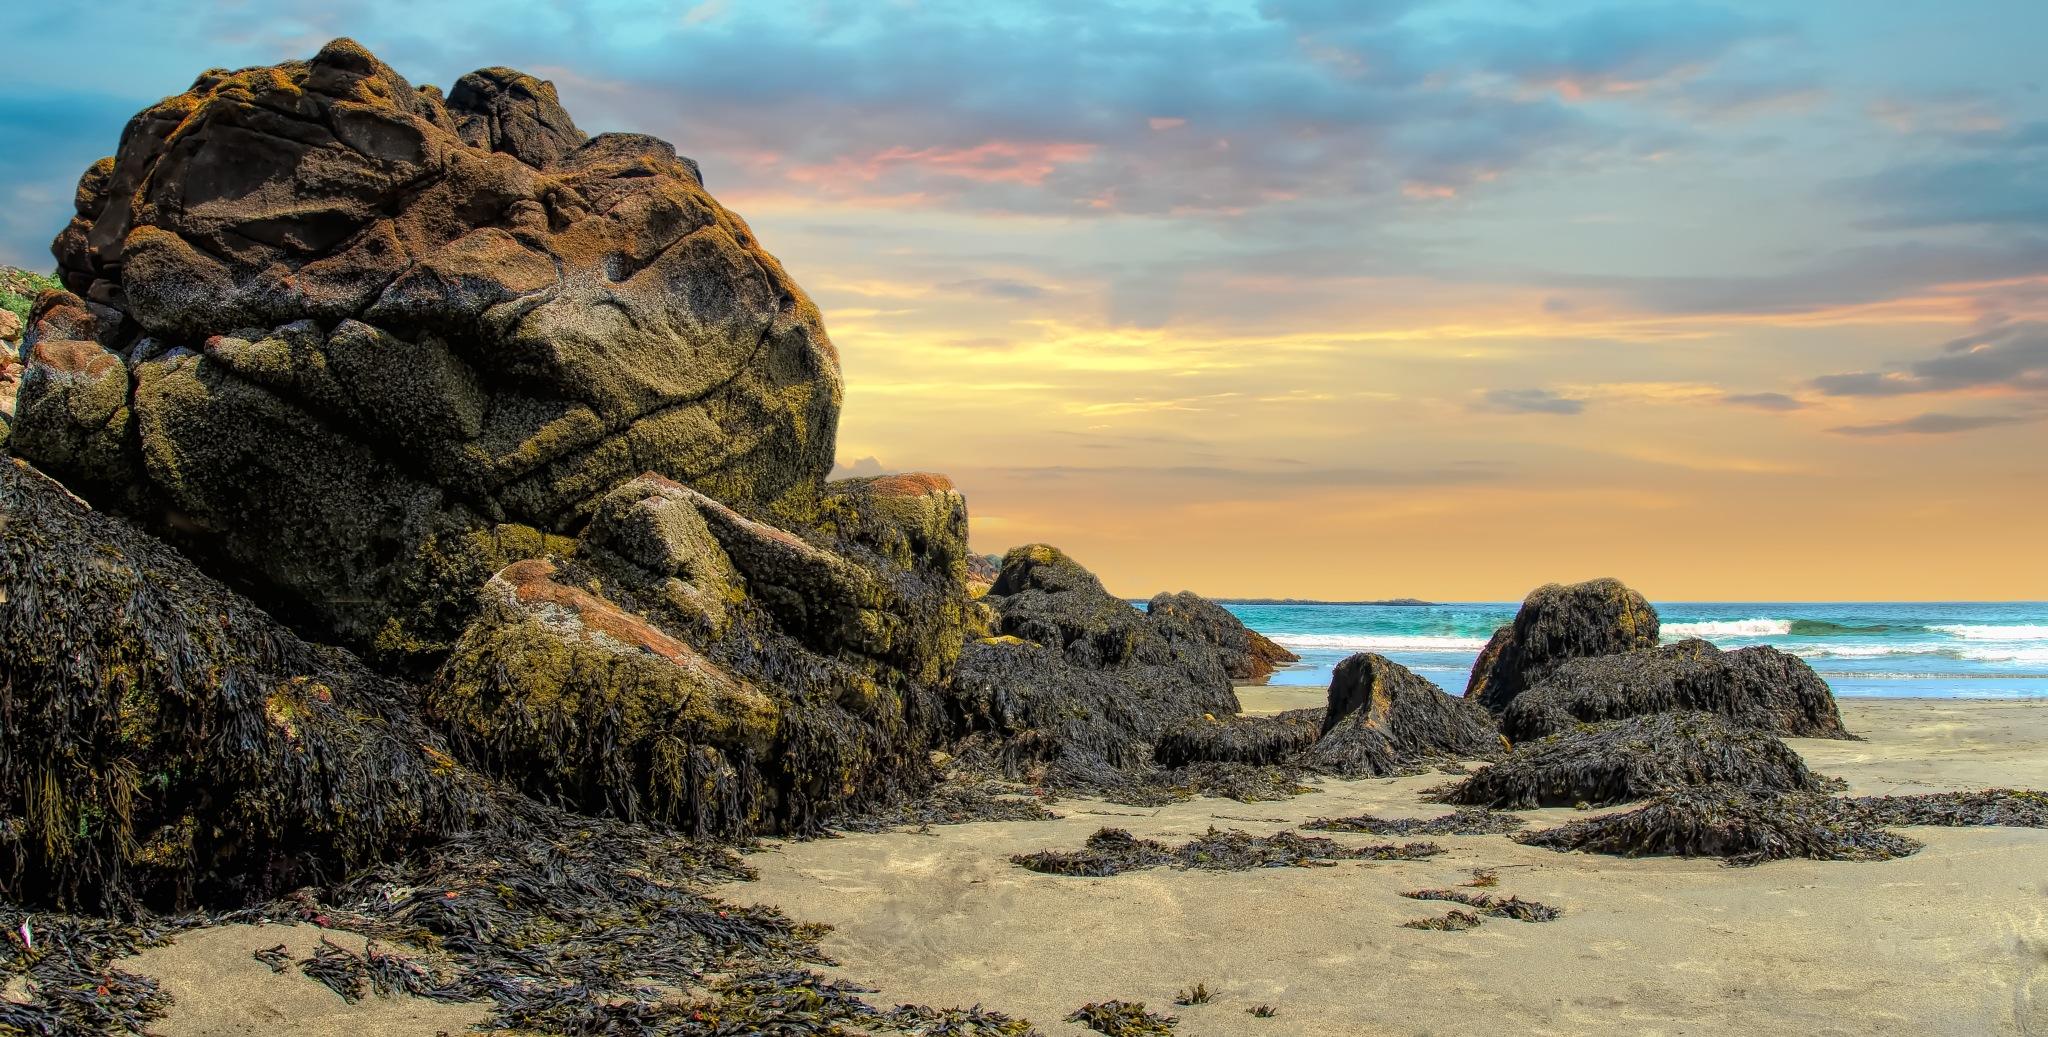 Rock the beach by Jo'Ann Huard